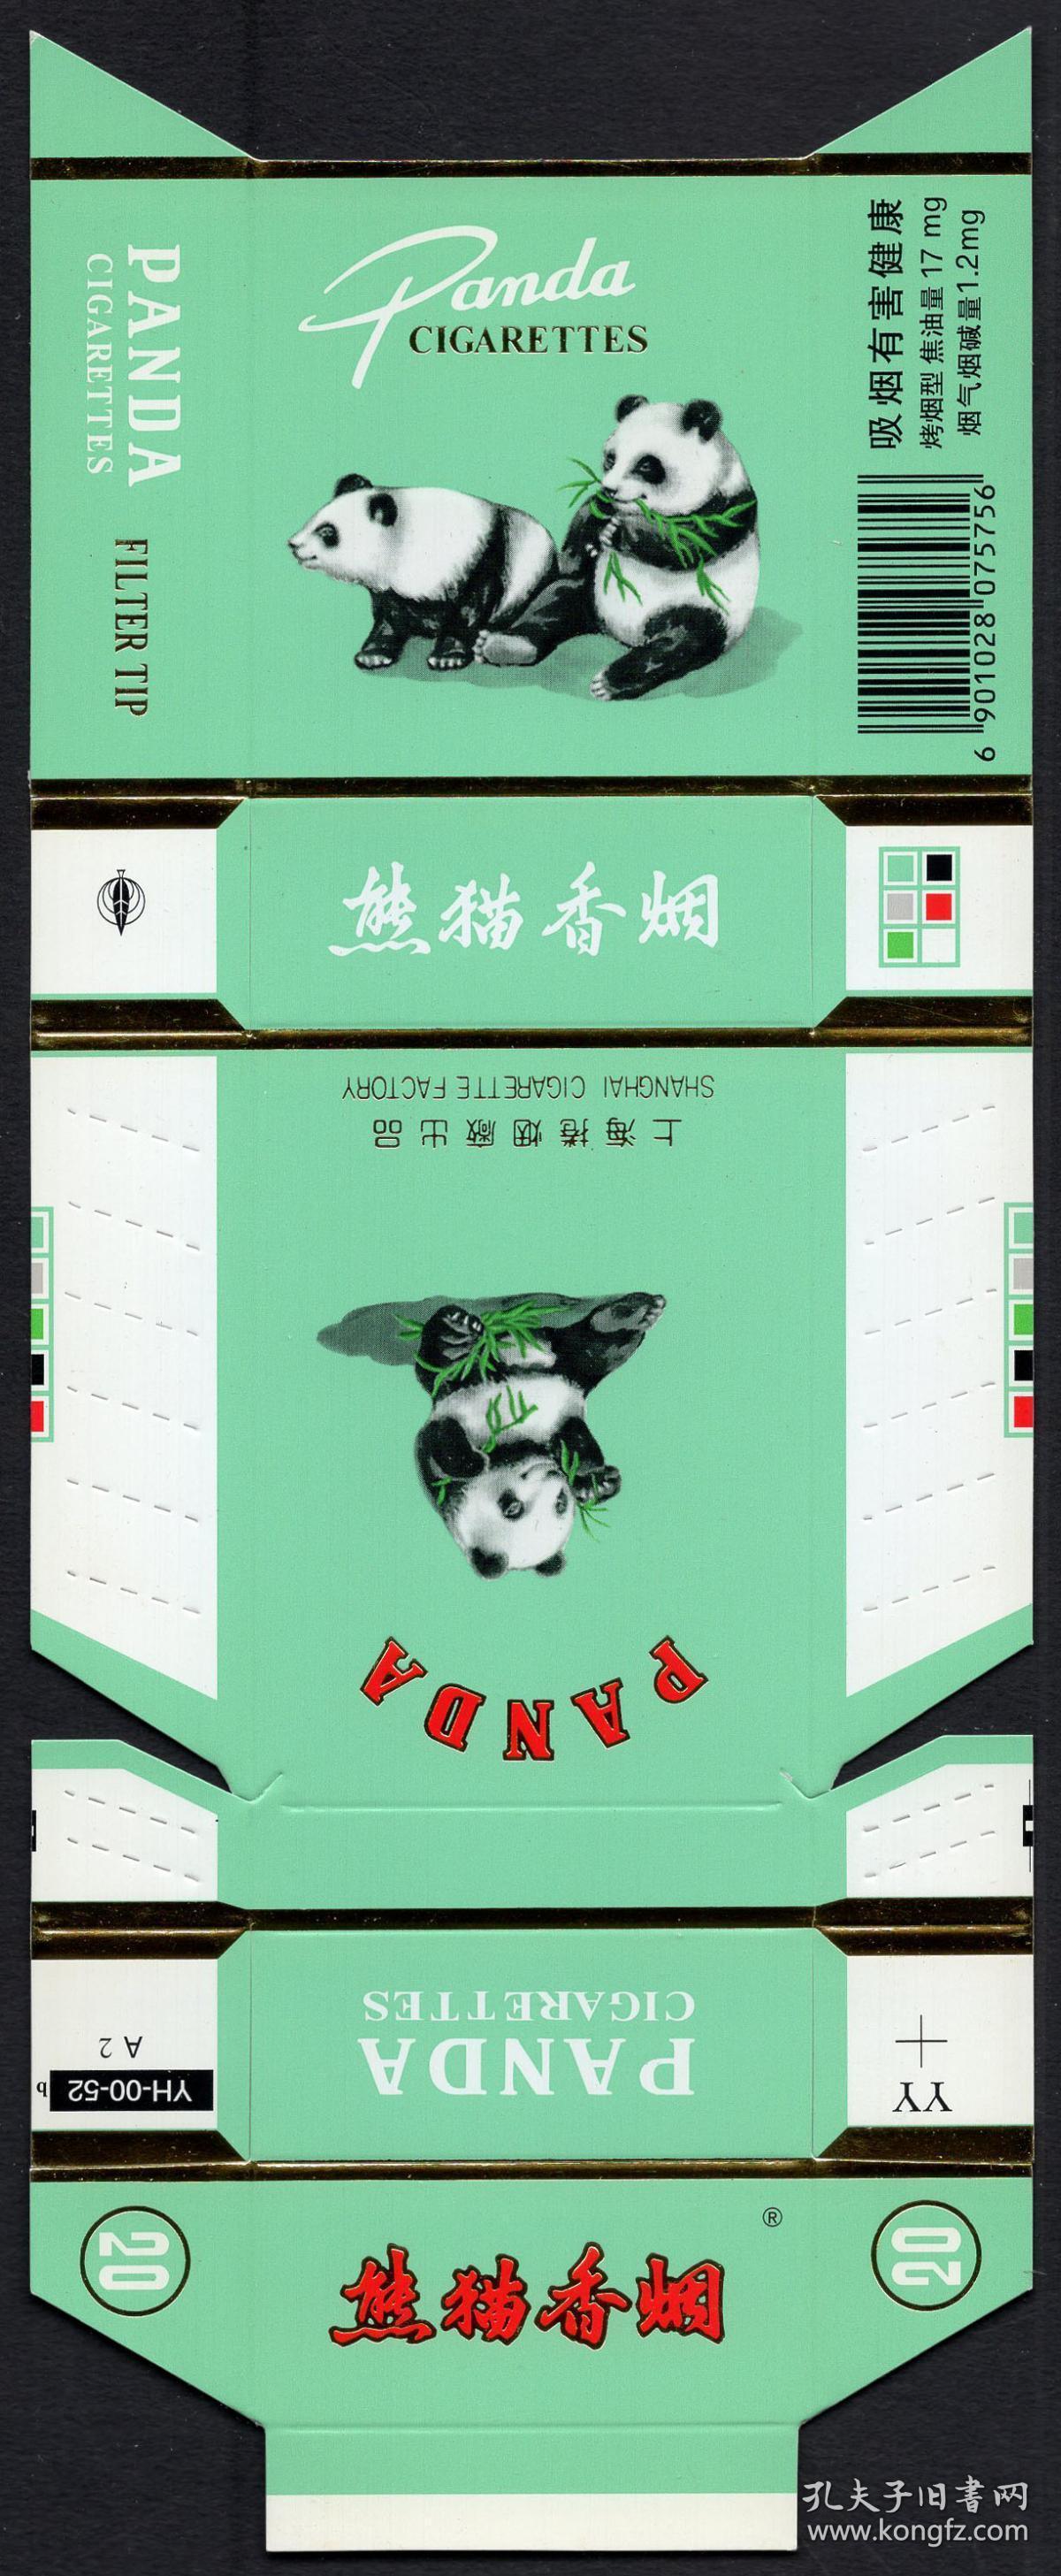 2018熊猫香烟价格表图-2018熊猫香烟价格表图 2... -综投网手机版